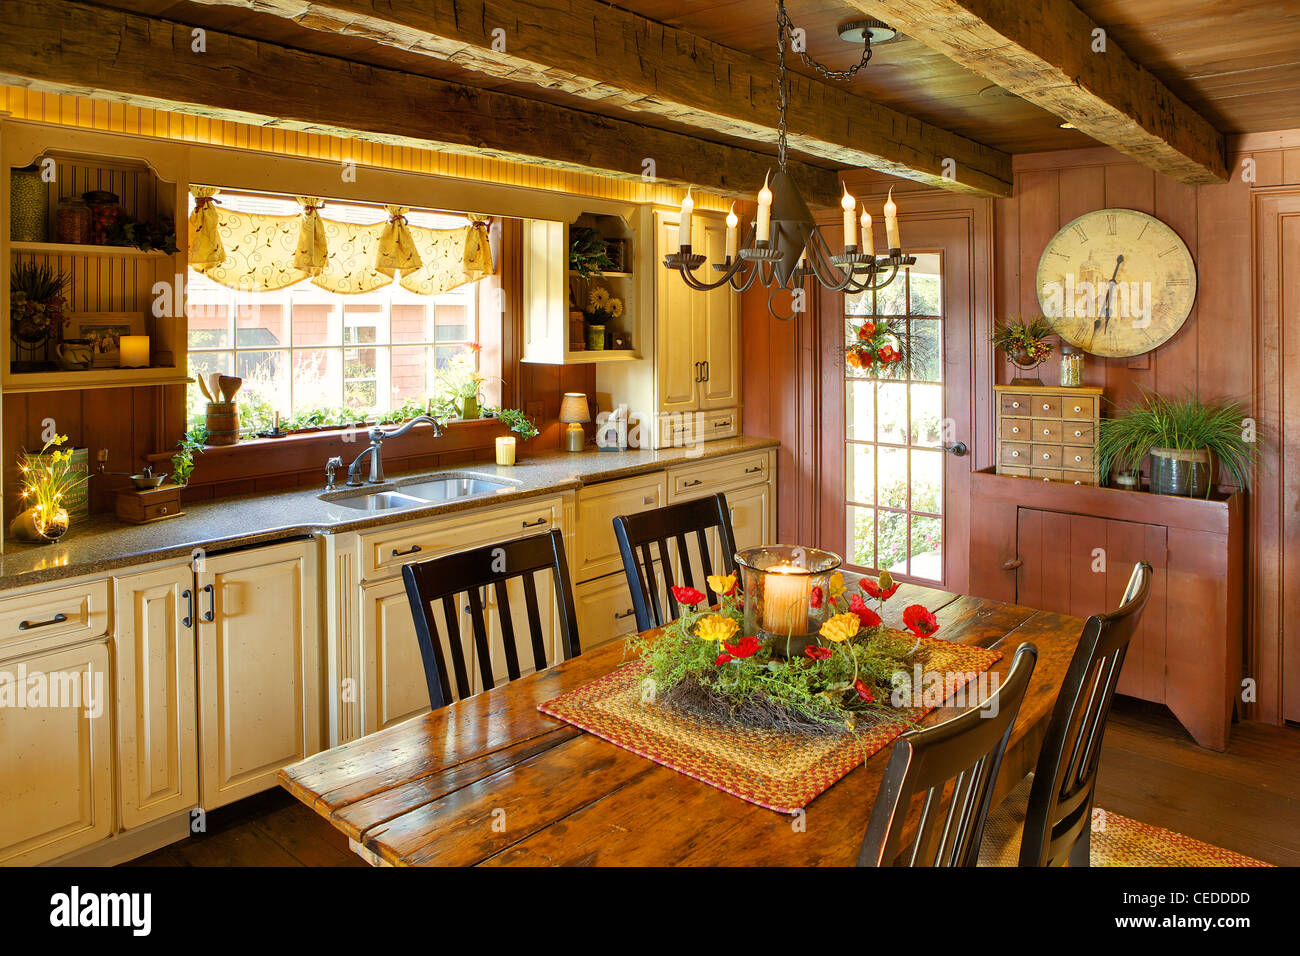 Cucina modernizzato in un primitivo stile coloniale casa di ...